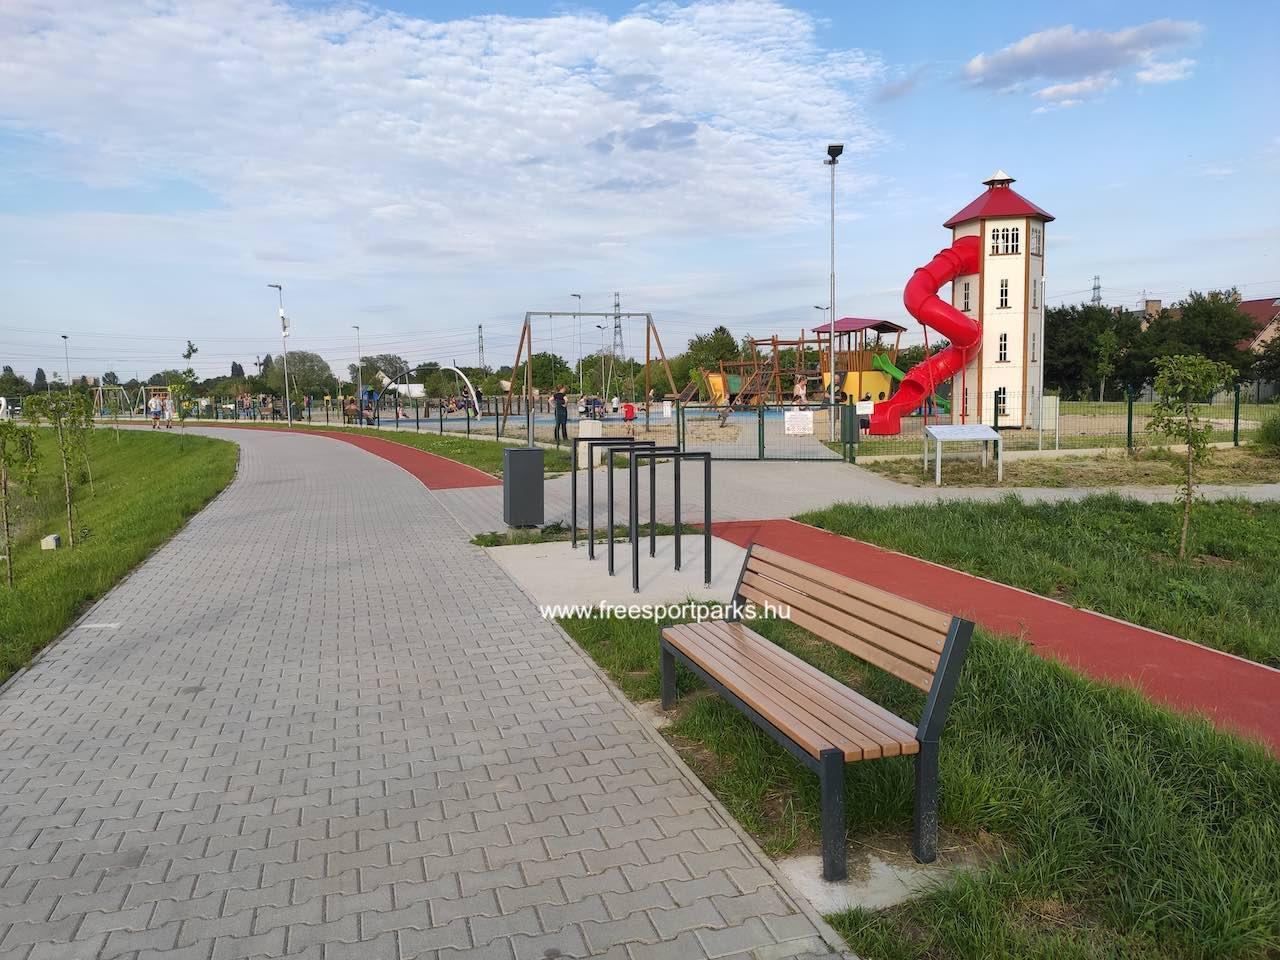 vizes játszótér - Érdliget szabadidőpark - Free Sport Parks térkép